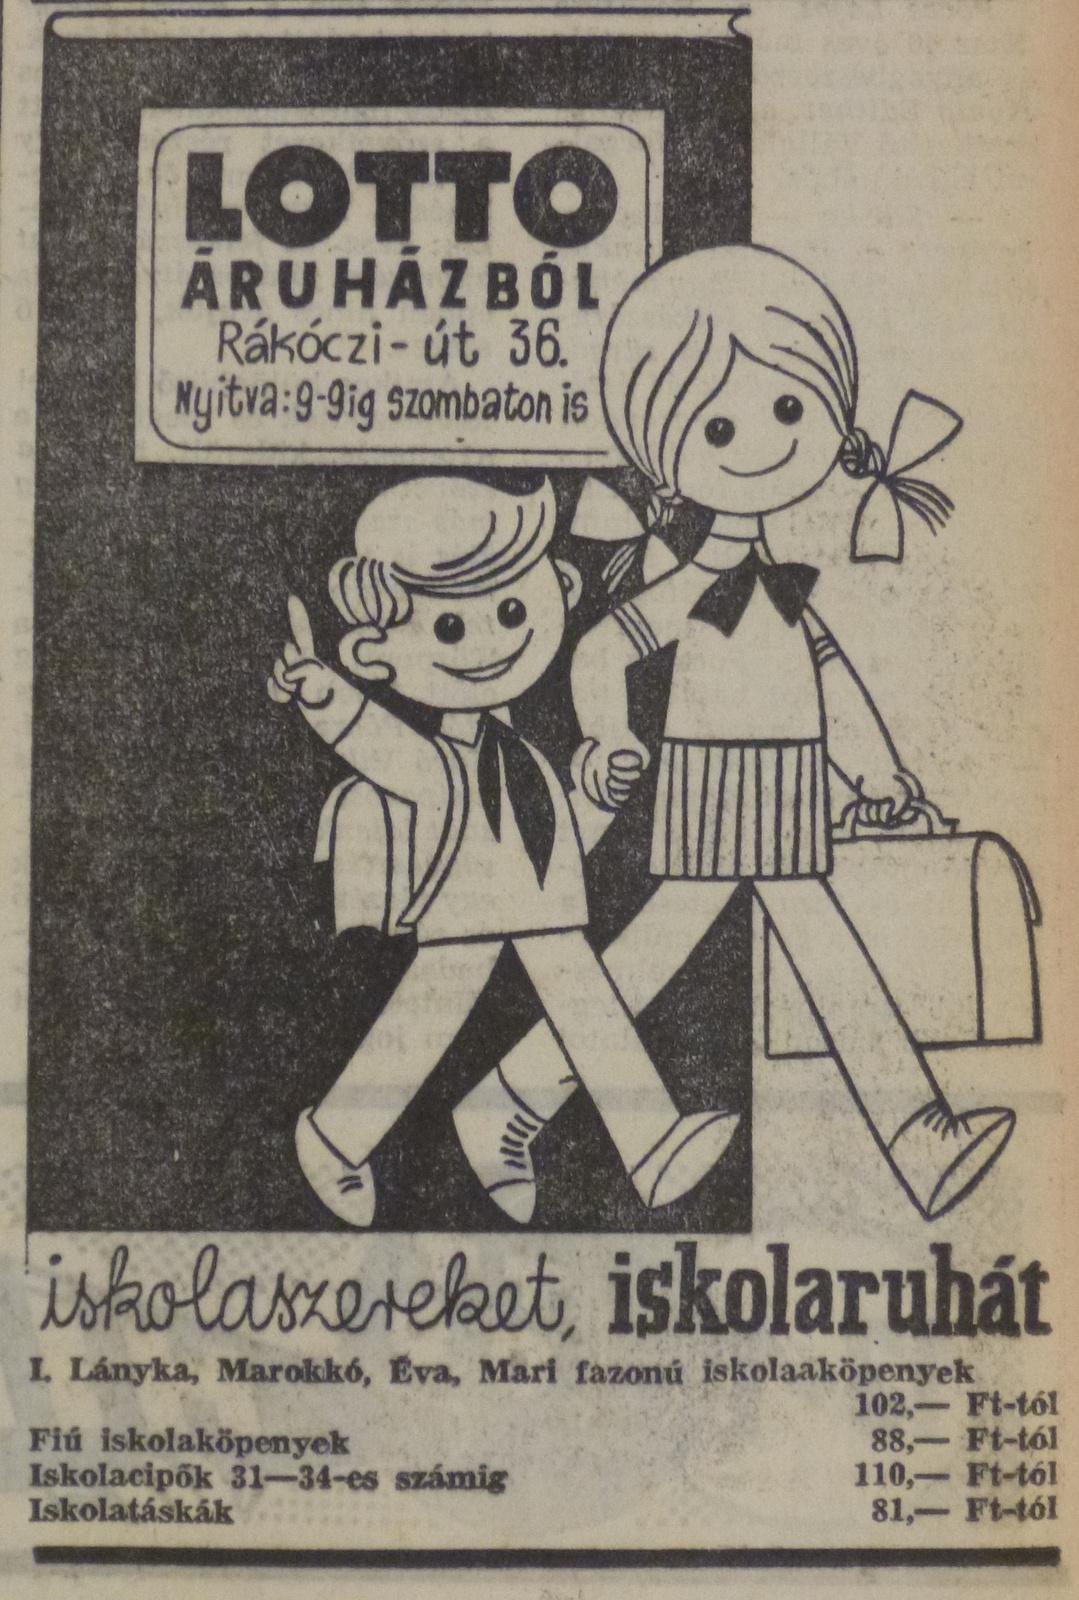 fovarosi.blog.hu: LottoAruhaz-196508-EstiHirlapHirdetes - indafoto.hu